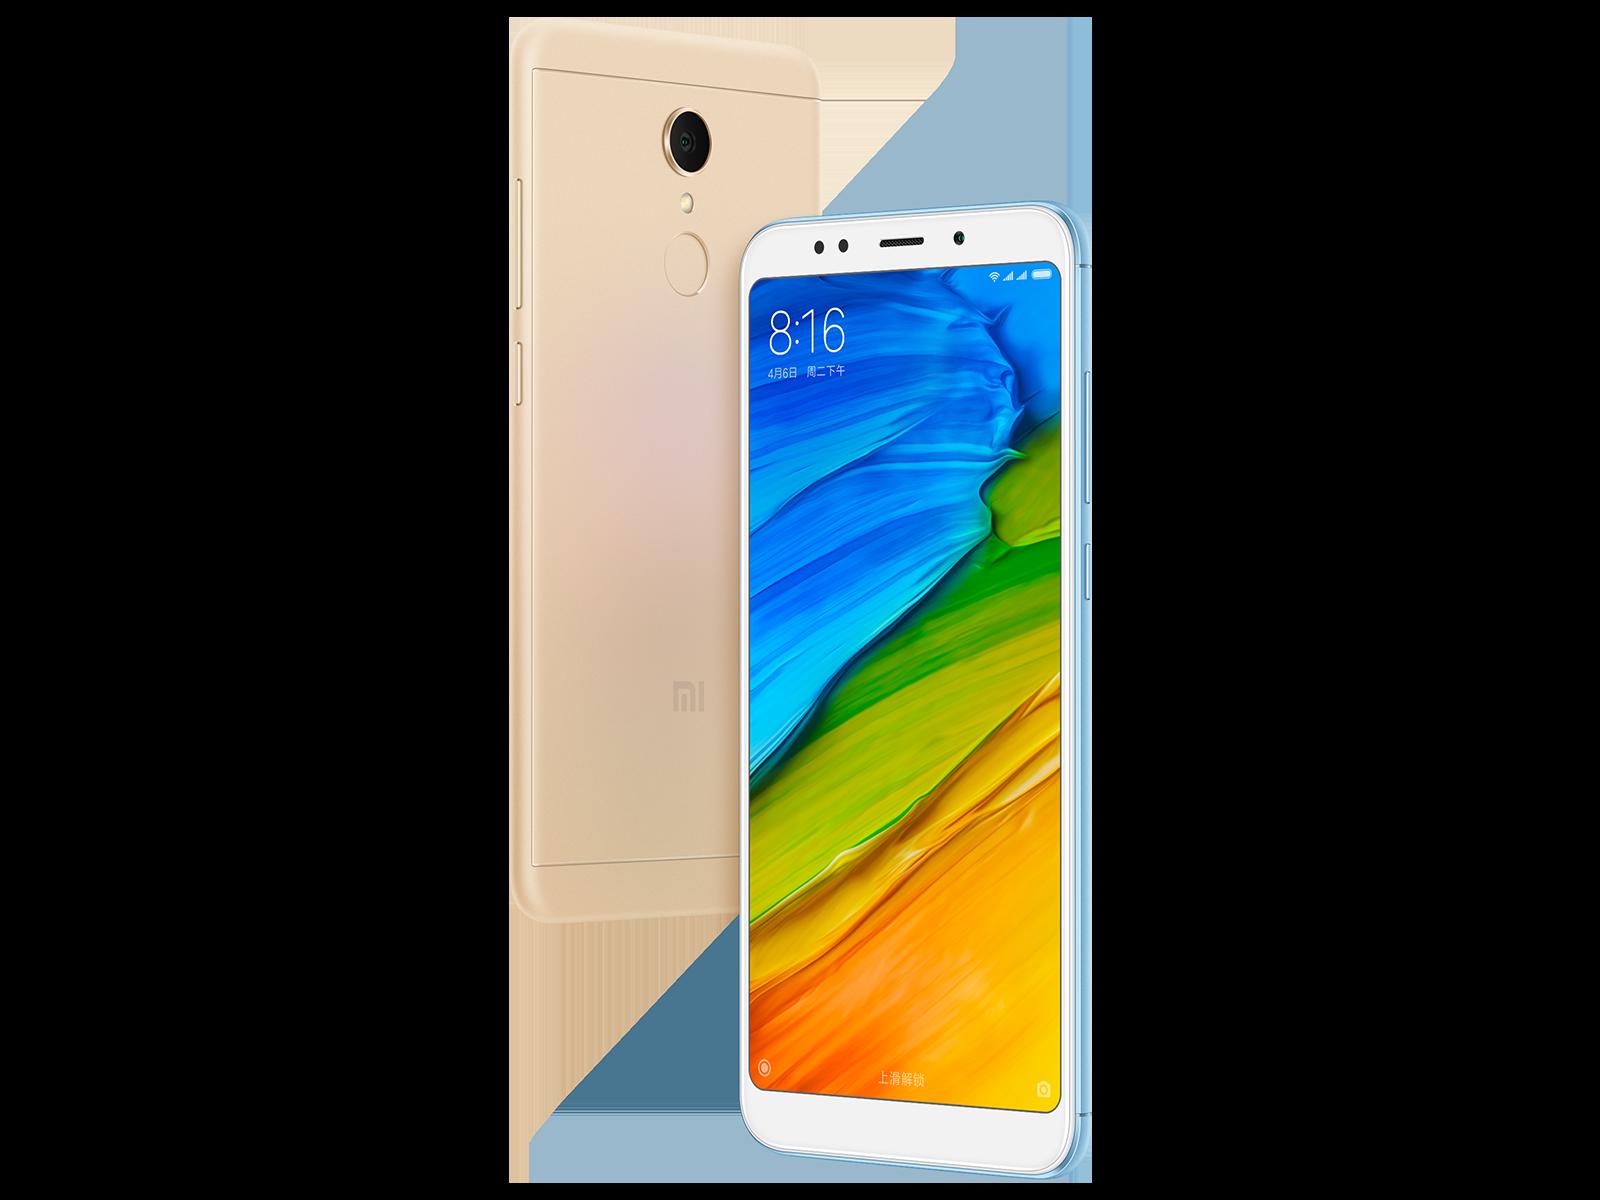 de994904827 Xiaomi Redmi 5 Plus Smartphone Review - NotebookCheck.net Reviews